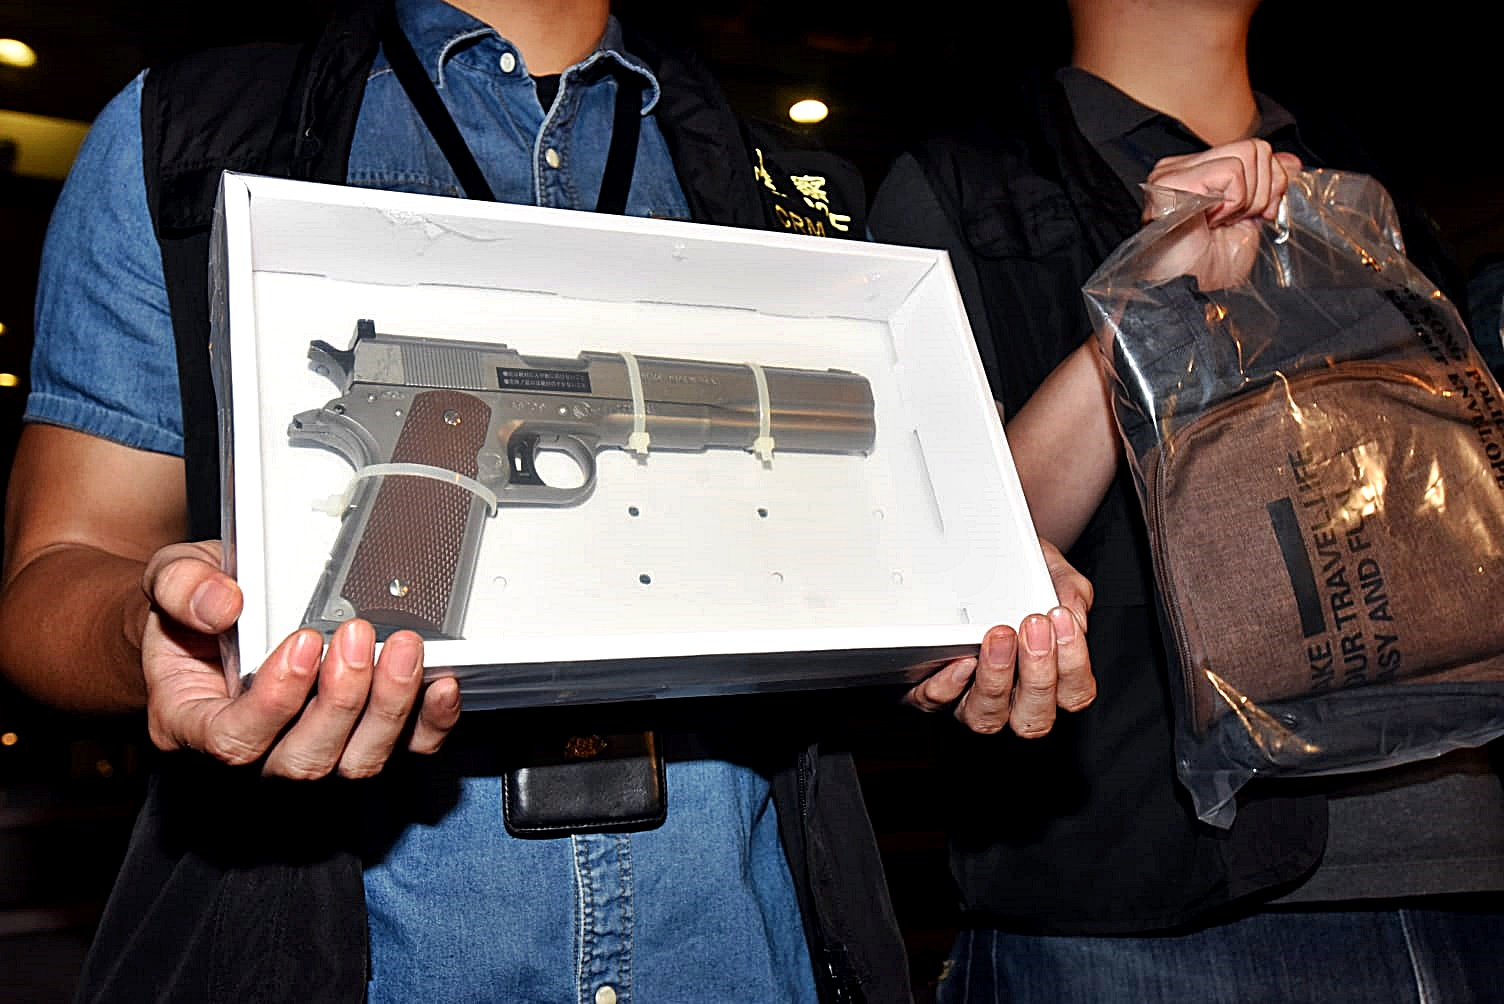 【深水埗槍擊案】警追查涉案工業用石屎槍下落 中槍男子周二提堂